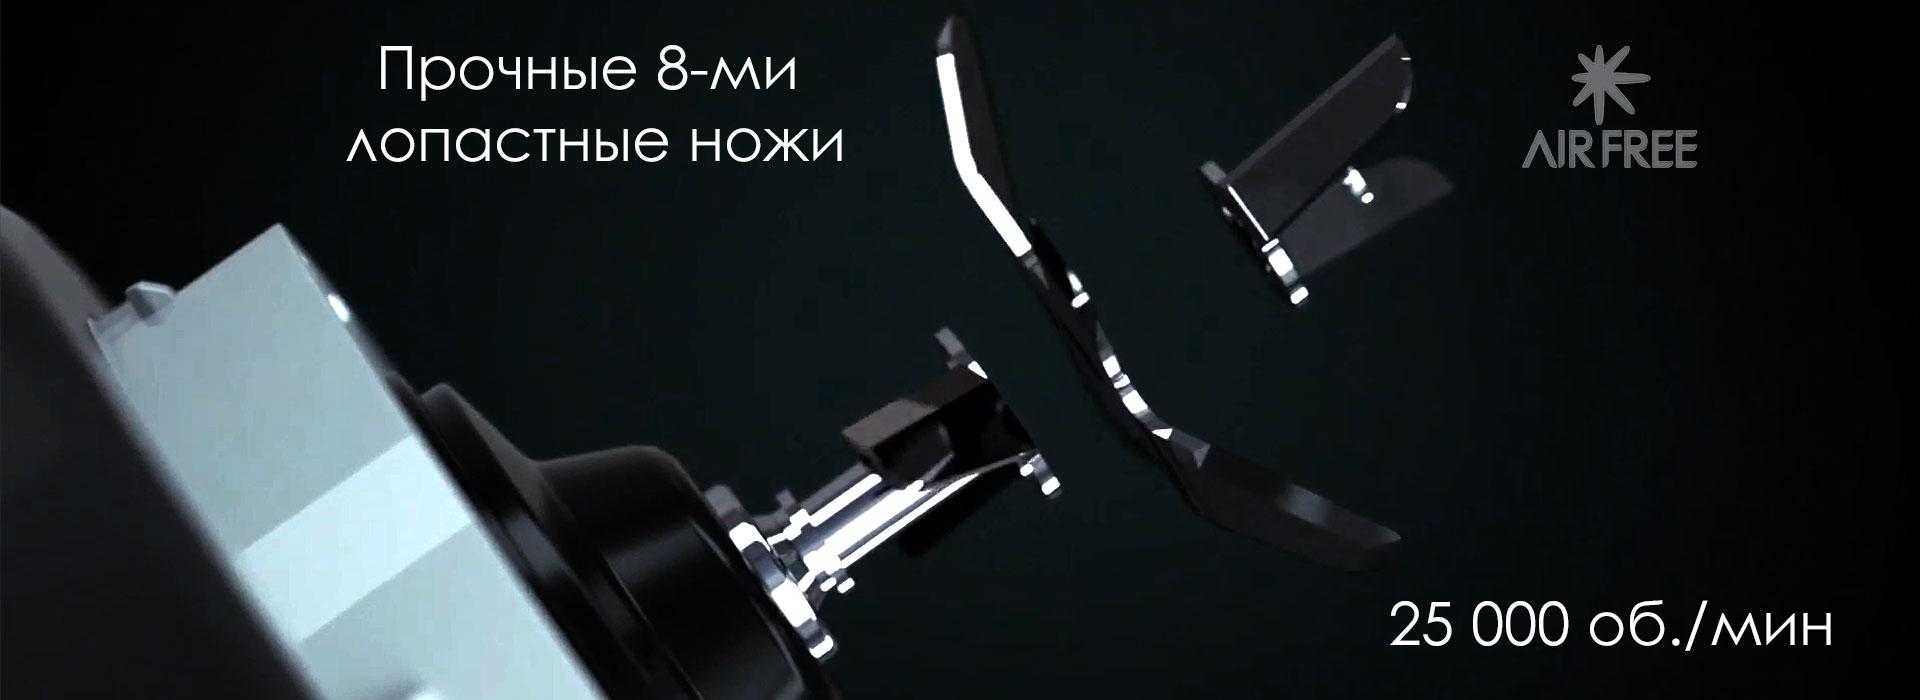 Прочные 8-ми лепестковые ножи блендера AirFree A9